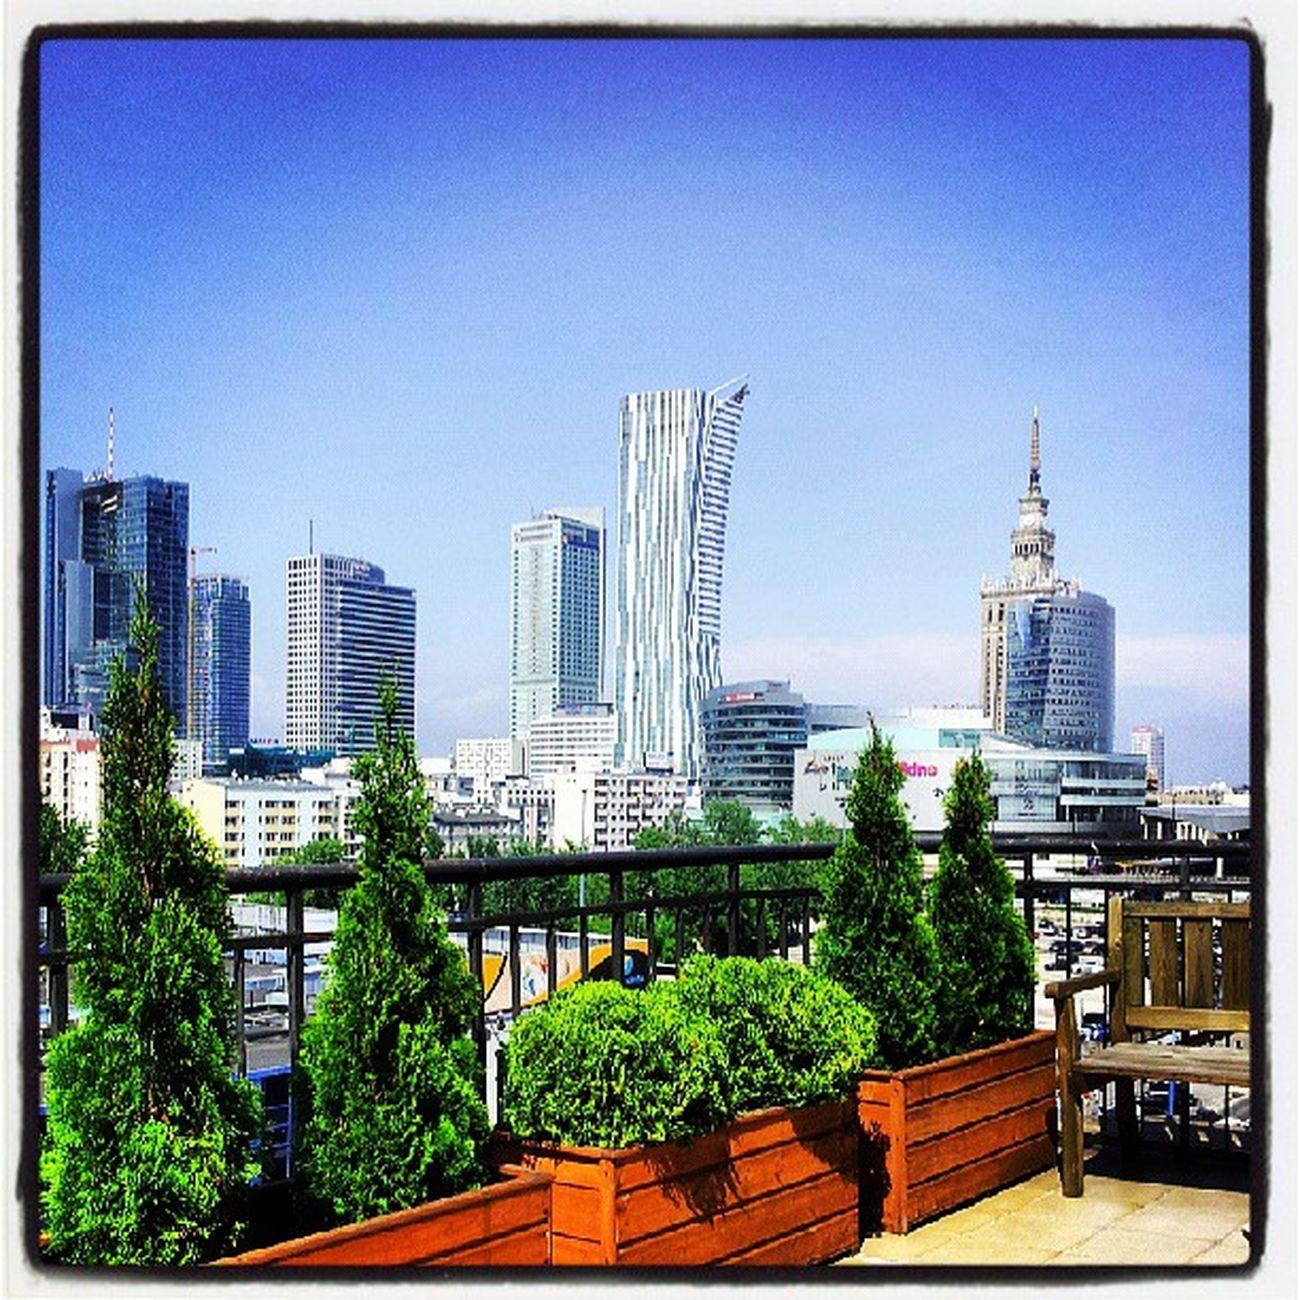 Warszawa  Palackultury Centrum Warsaw polishcity capitalcity senowarszawie bezchmurne niebo